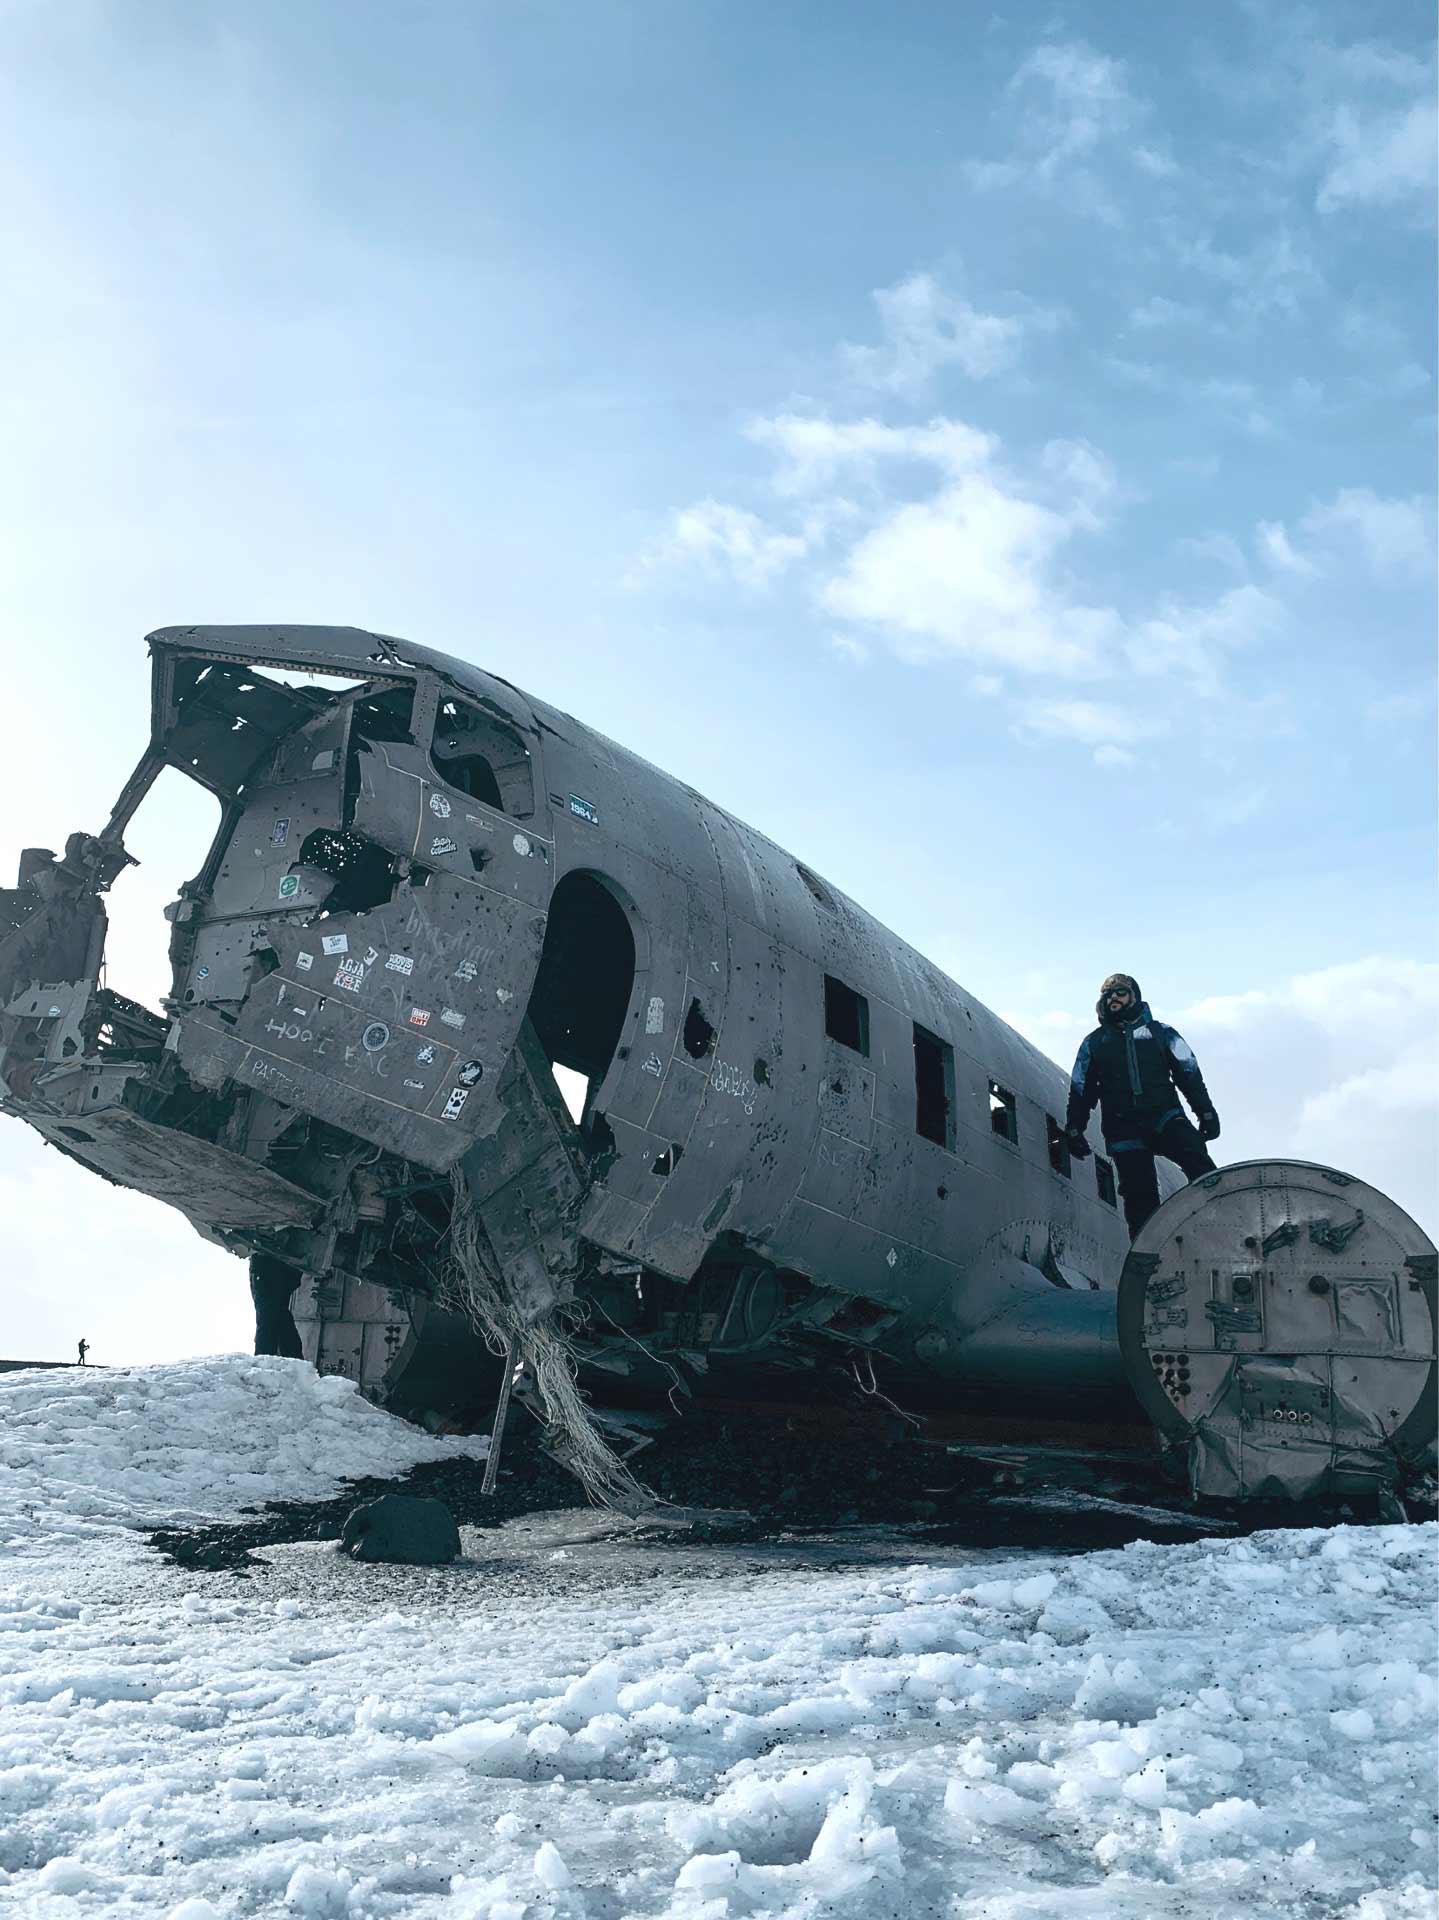 avion-abandonado-islandia